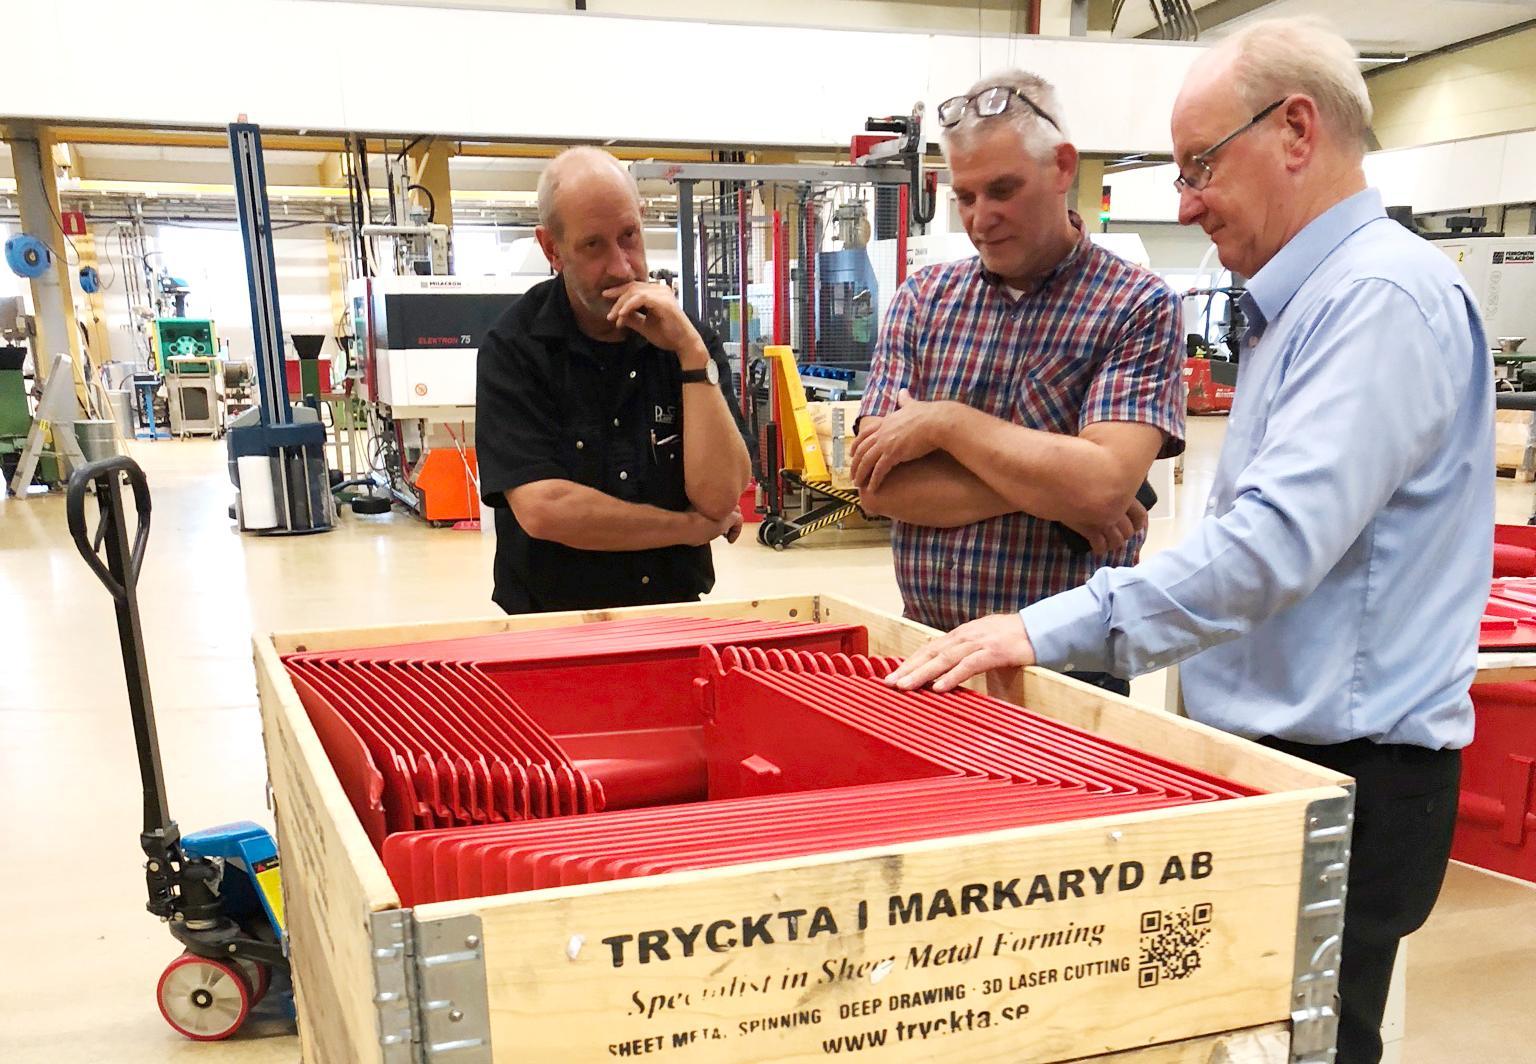 Skyddsvallarna produceras i Sverige, och efter de senaste beställningarna från runt om i världen har Sigurds företag Noaq kunnat nyanställa.